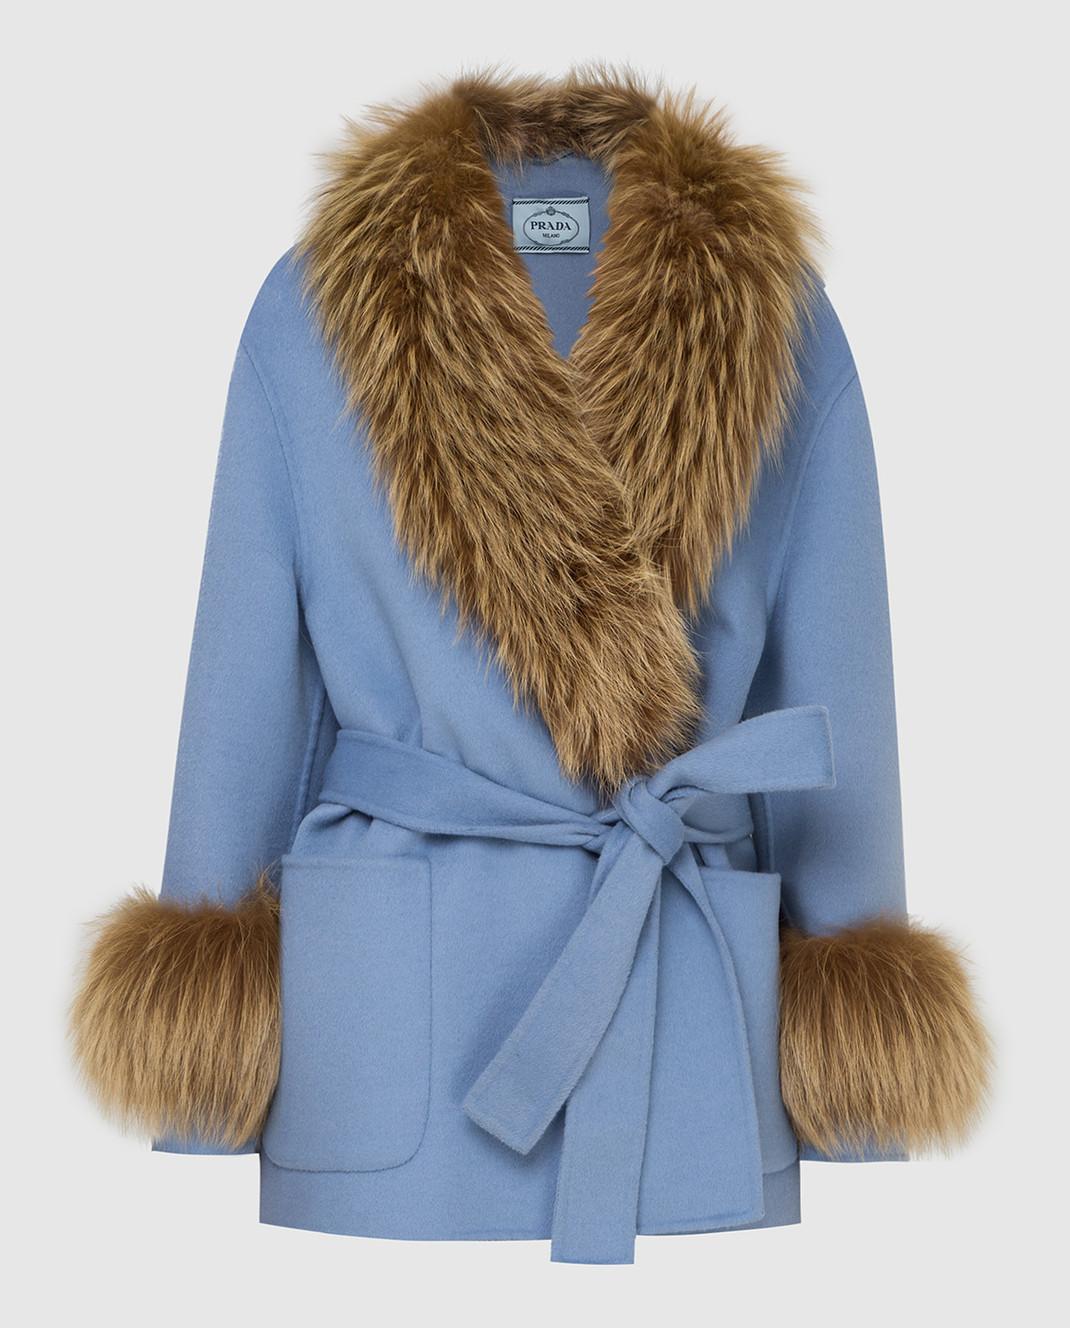 Prada Голубое пальто с мехом лисы изображение 1